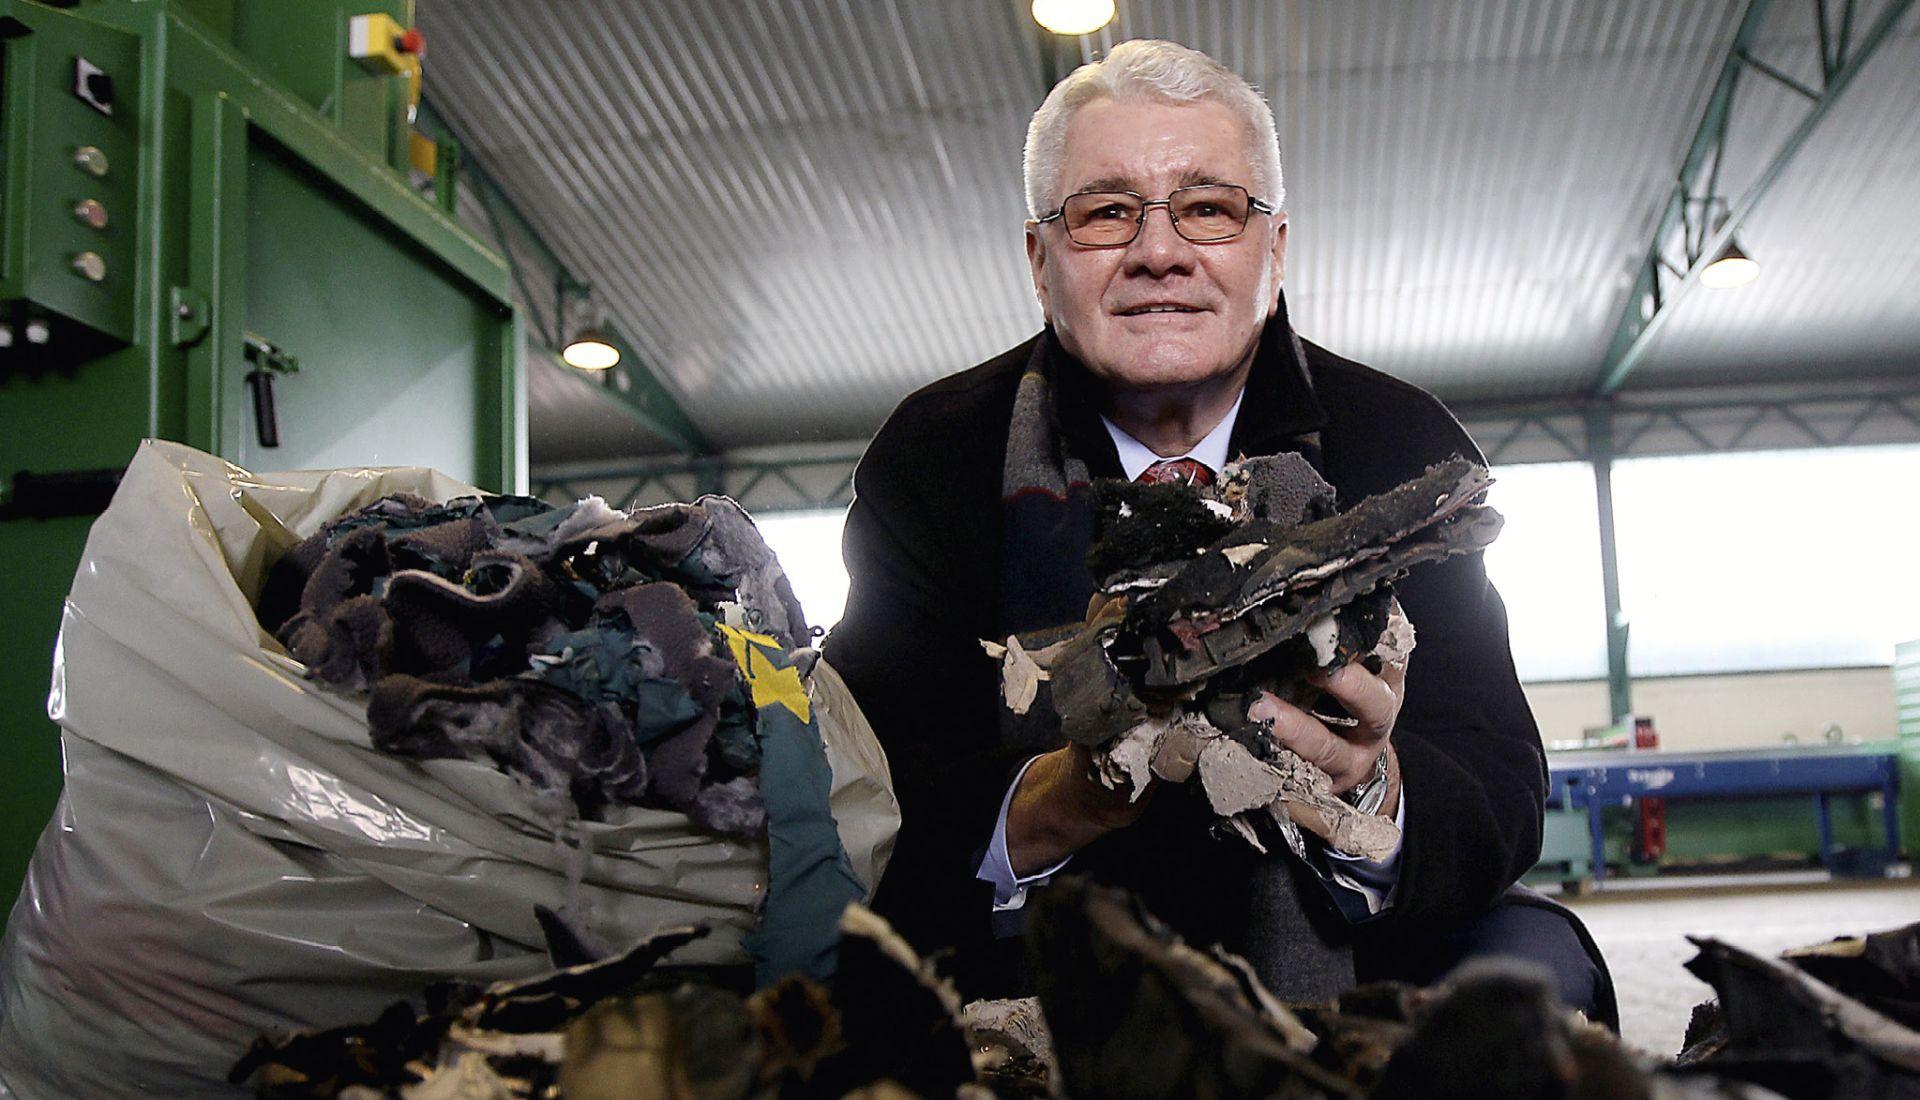 ĐURO HORVAT 'Svoj izum obrade otpada izvozim u svijet, a u Hrvatskoj me blokiraju'